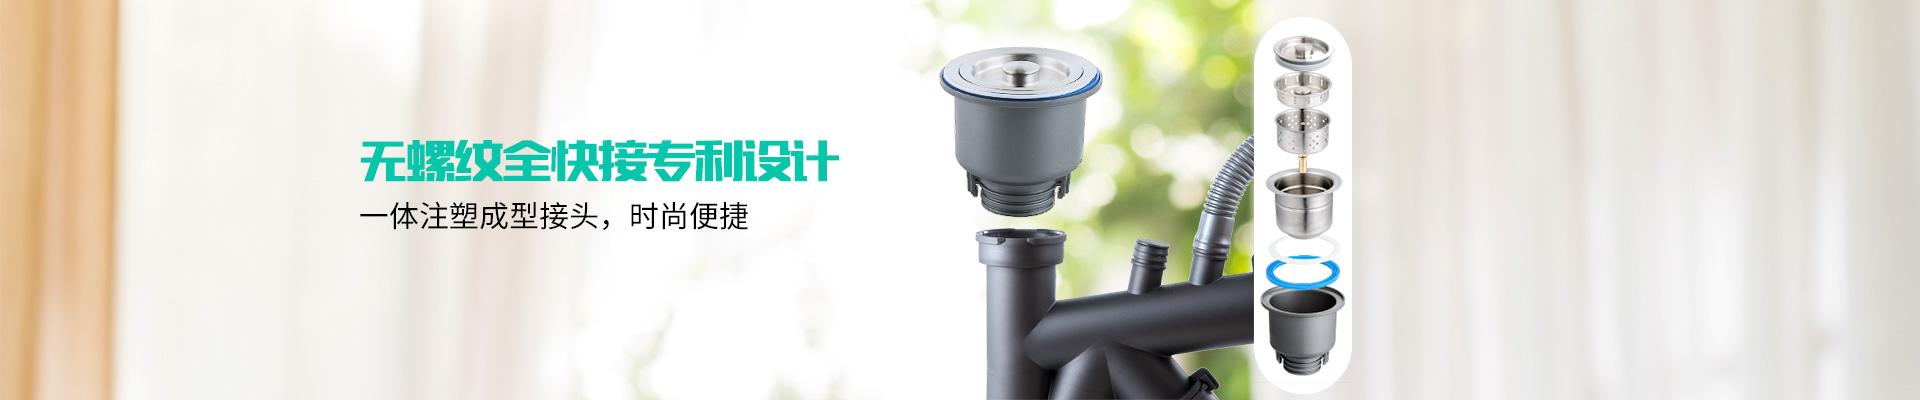 欧顺诺双盆水槽下水-无螺纹全快接专利设计;一体注塑成型接头,时尚便捷